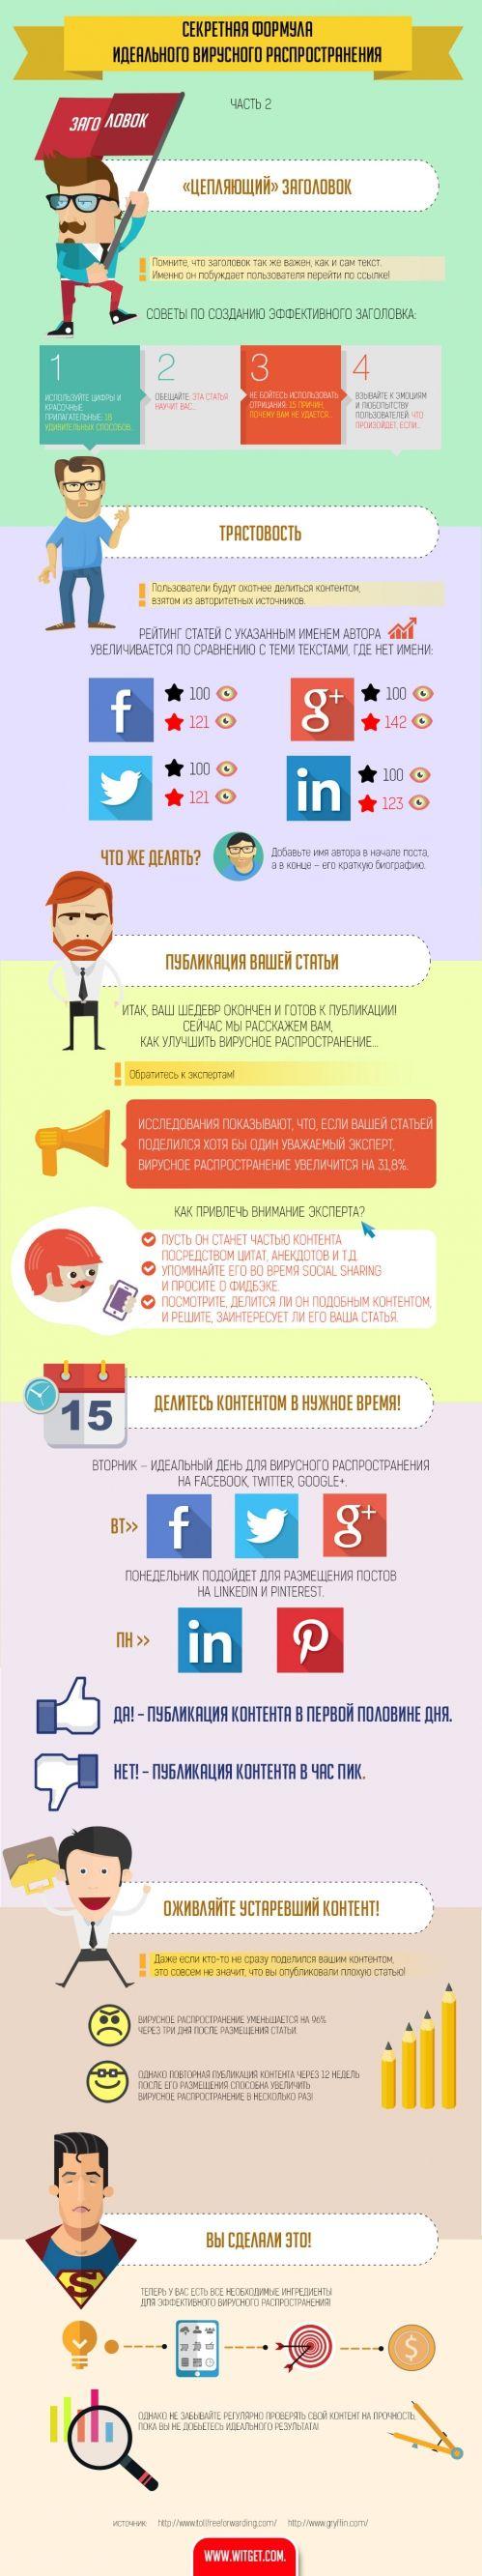 Как повысить виральность в соцсетях